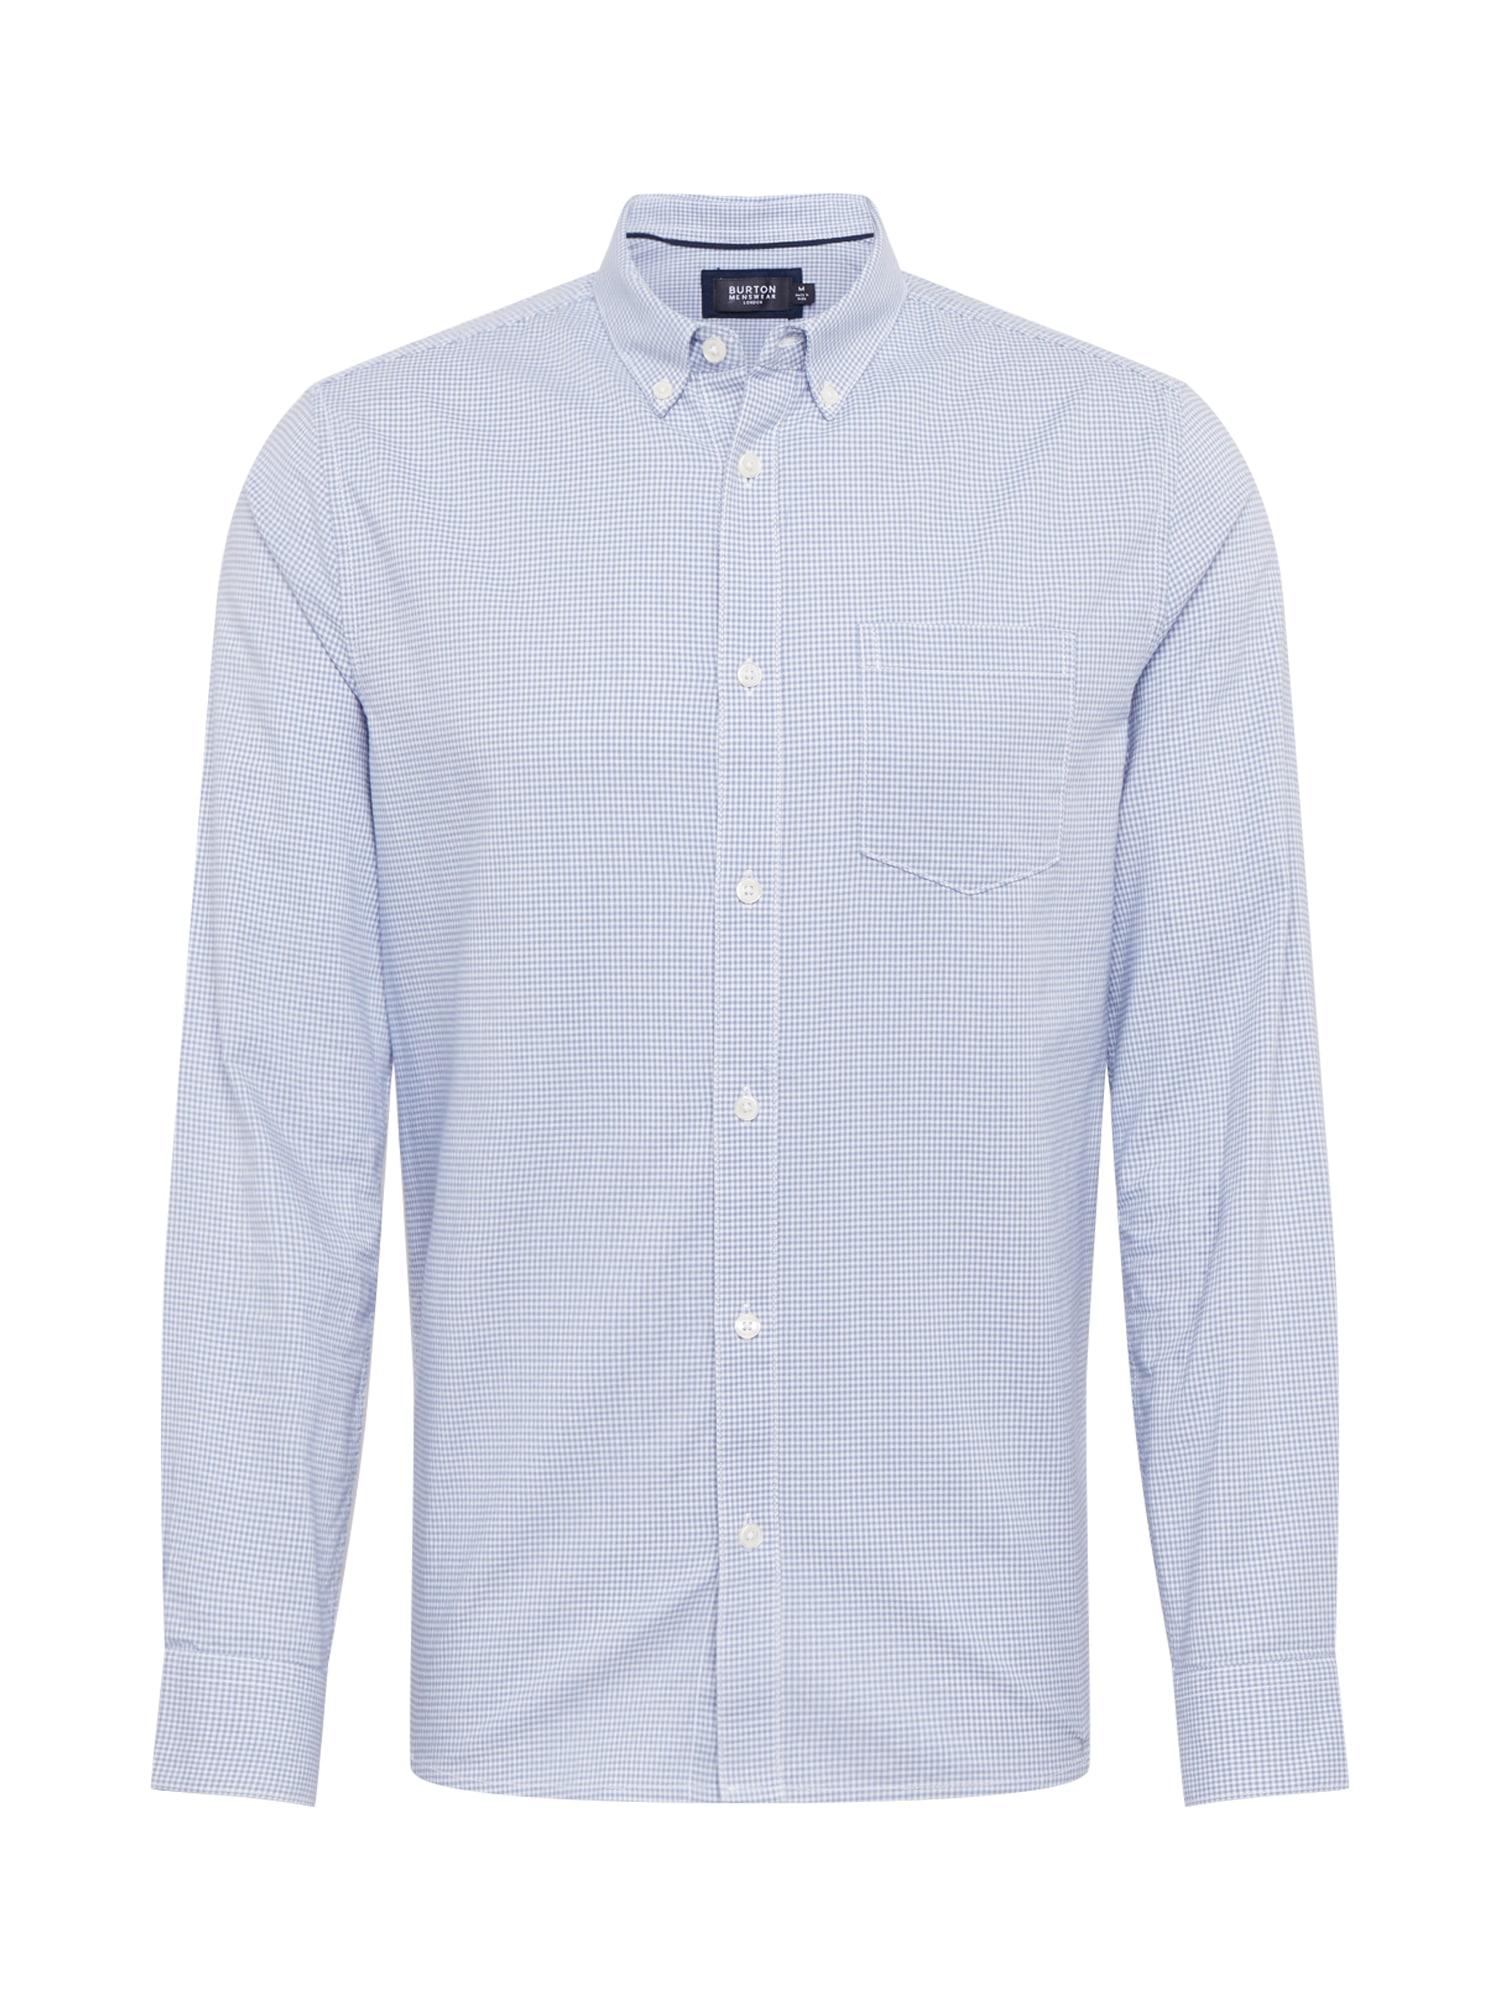 BURTON MENSWEAR LONDON Marškiniai mėlyna / balta